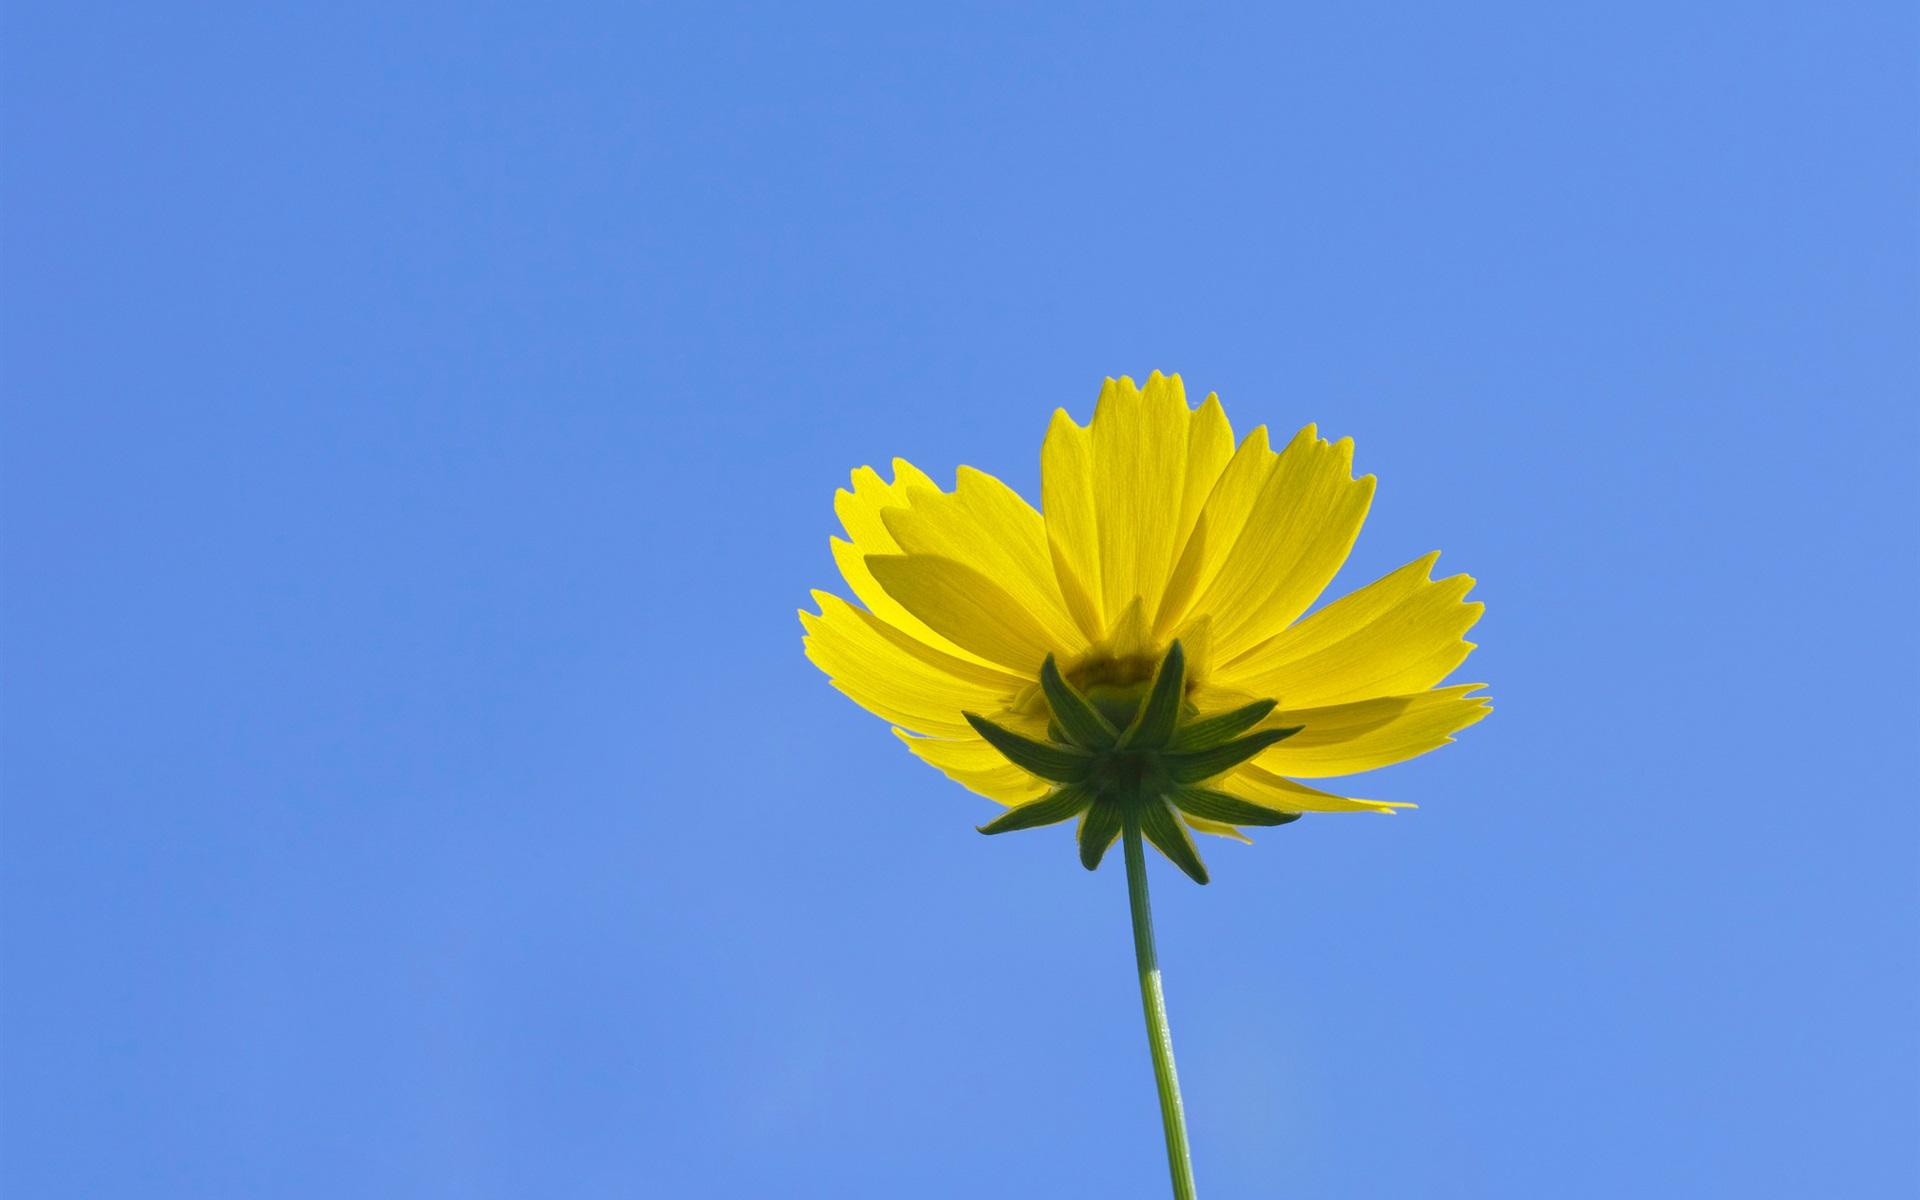 Fondos De Pantalla Amarillo Kosmeya Flor, Cielo Azul